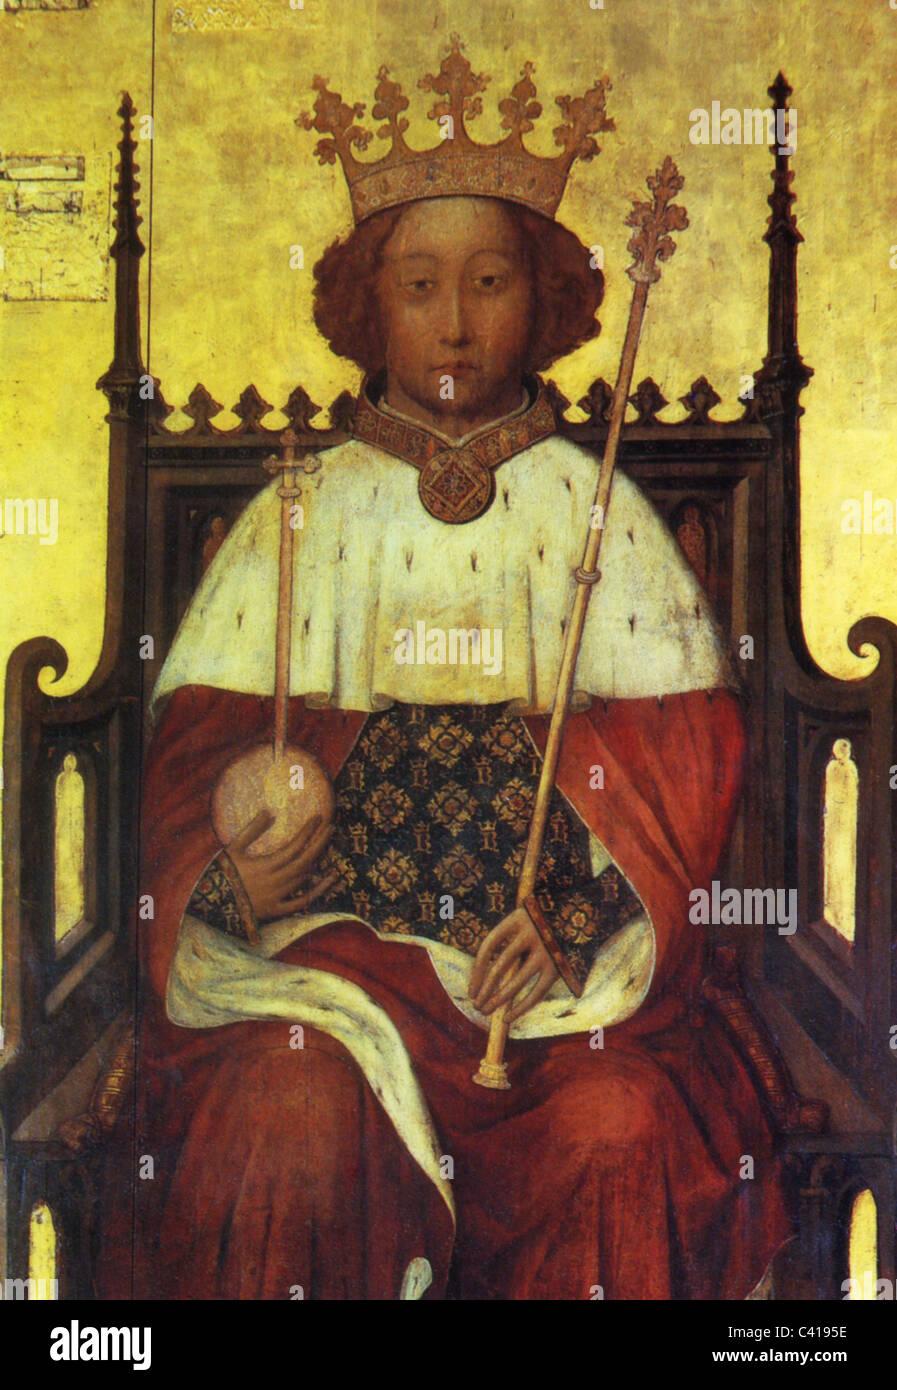 Richard II, 6.1.1367 - 14.2.1400, roi d'Angleterre 16.7.1367 - 29.9.1399, demi-longueur, sur le trône, Photo Stock